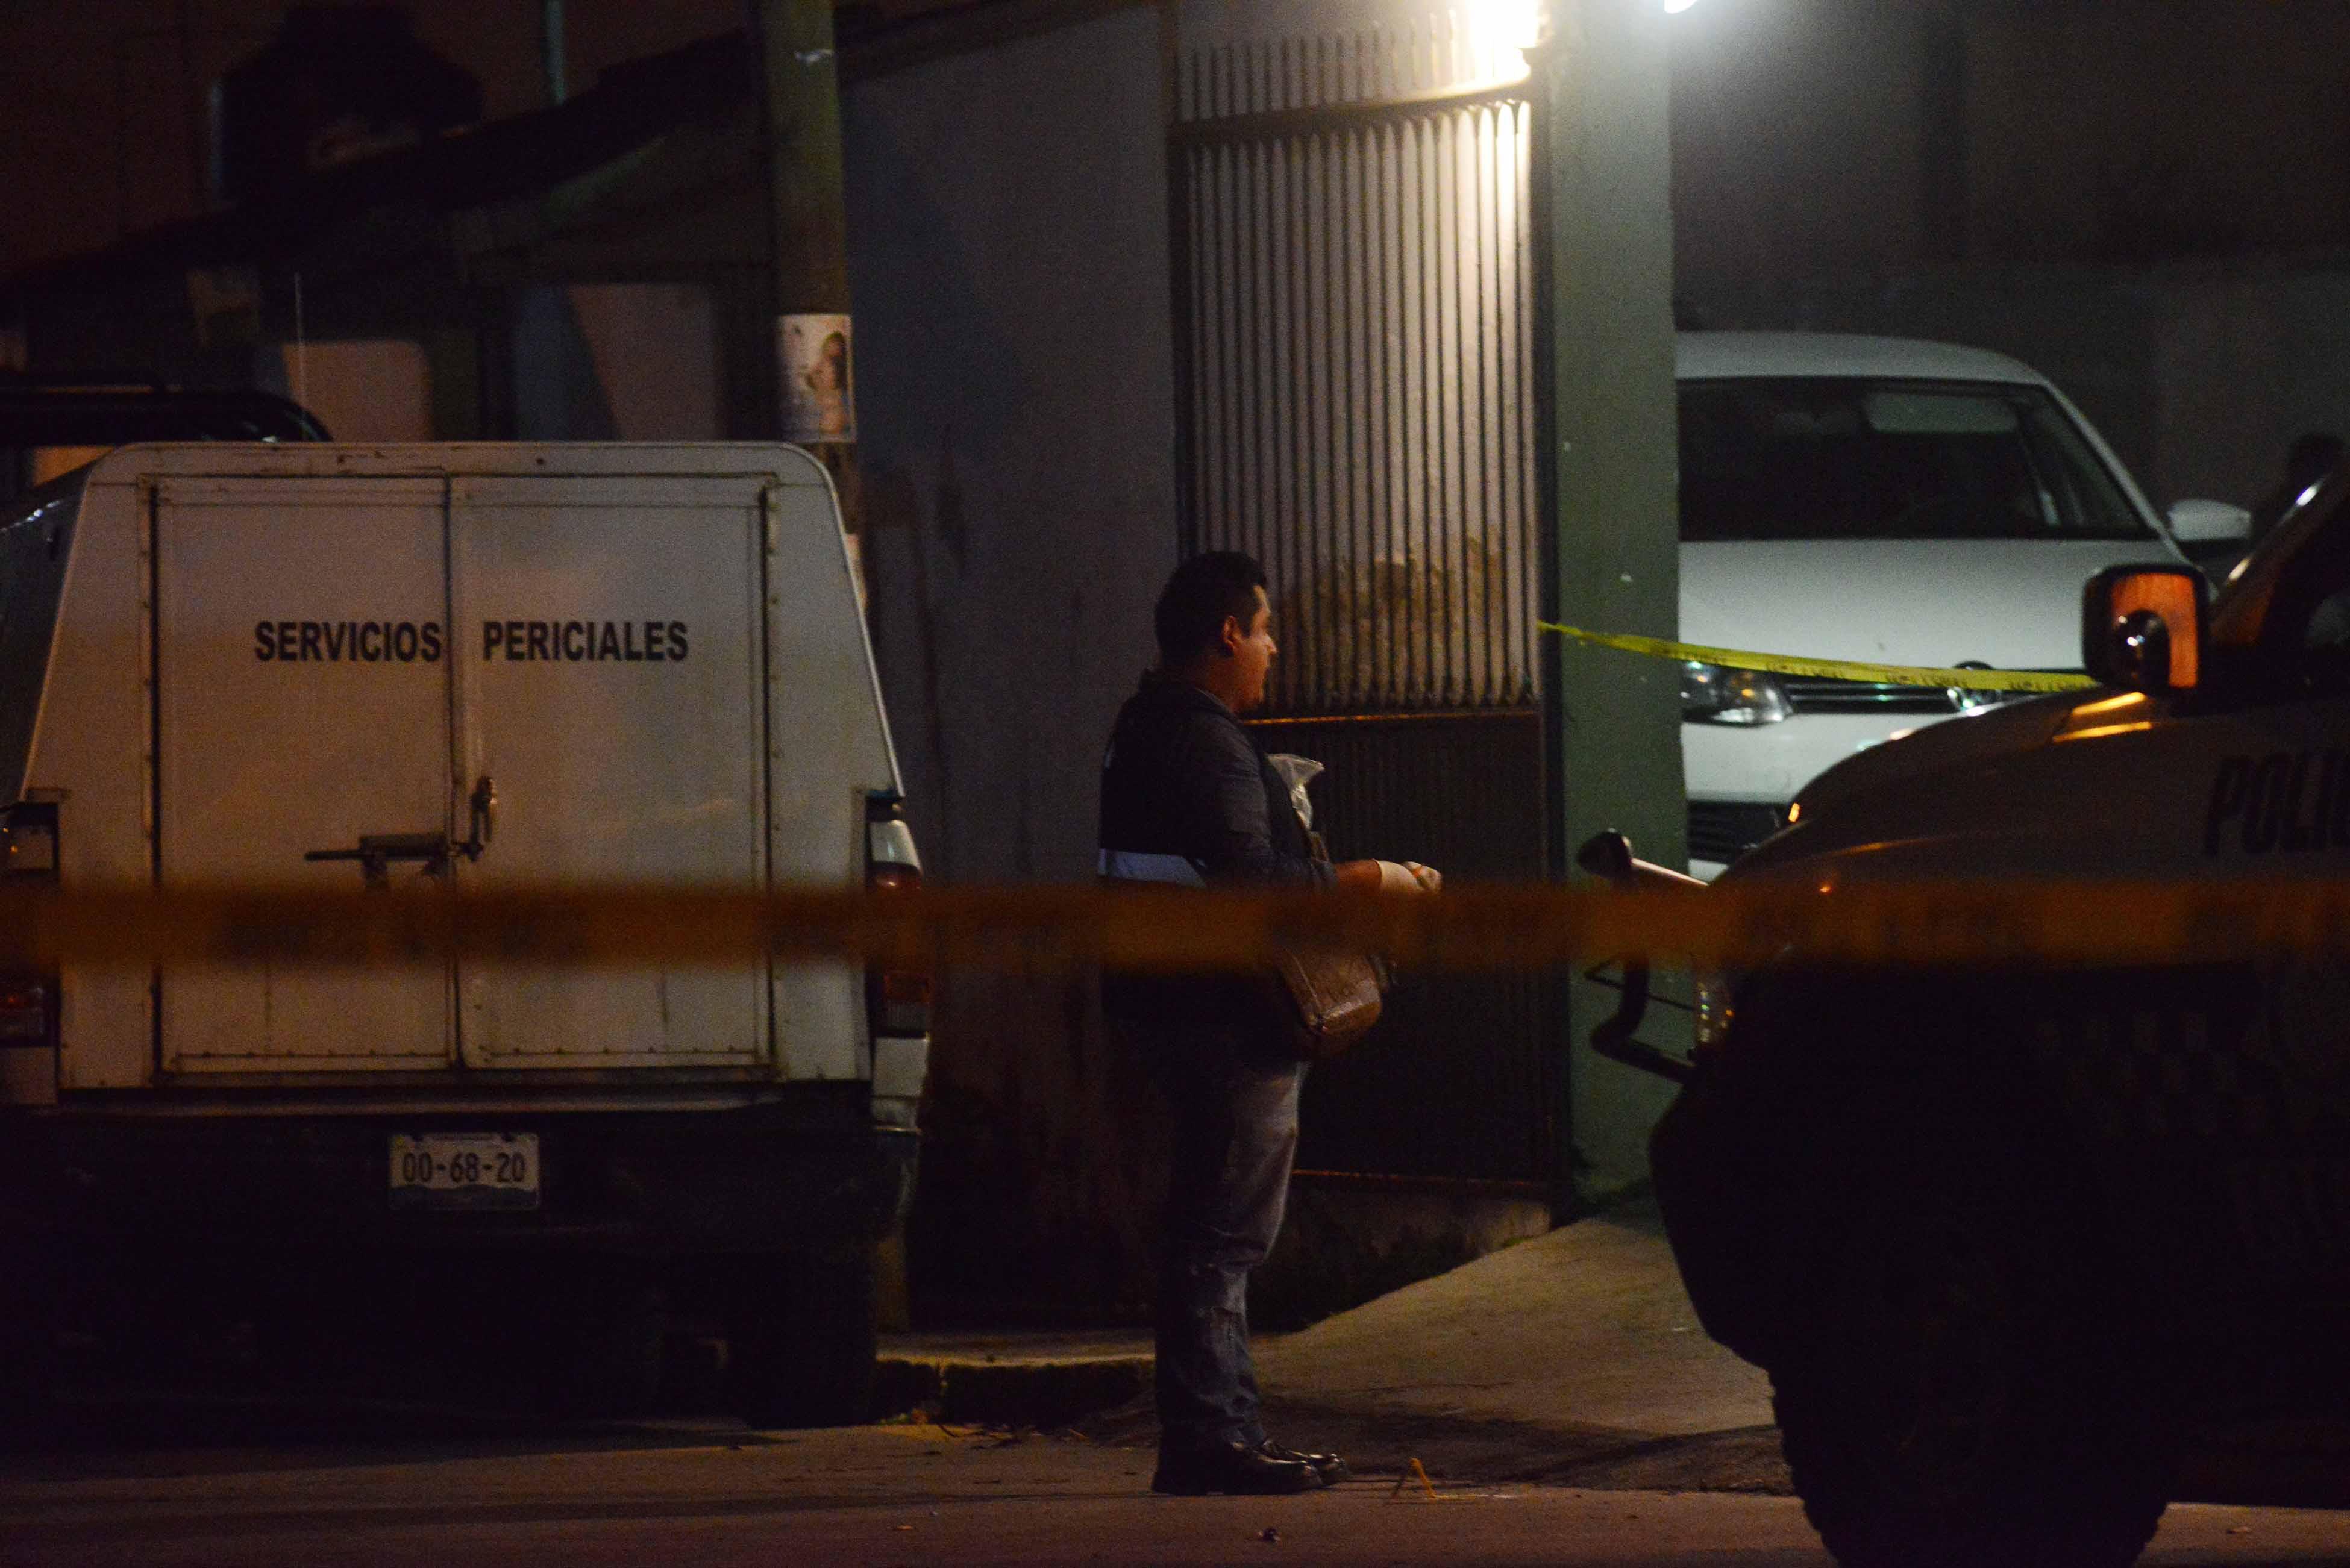 Tiroteo en bar de Xalapa deja dos muertos